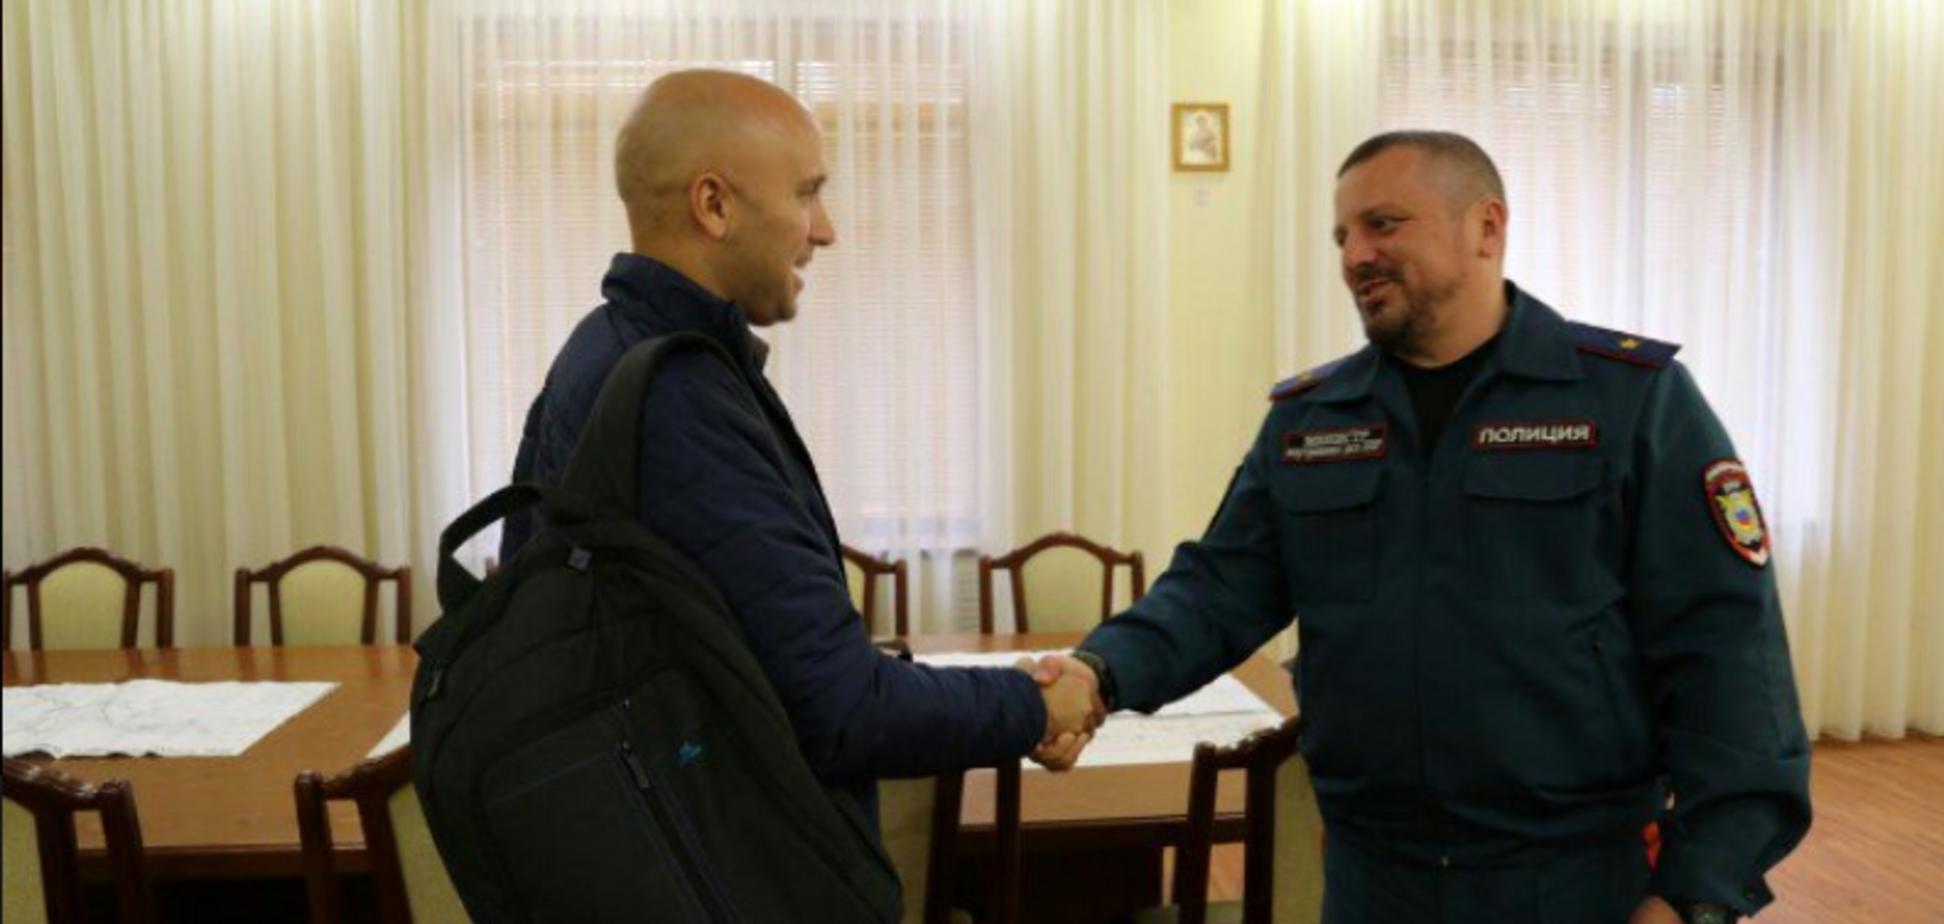 'Черная метка' врагу Плотницкого: знаковые фото из 'ЛНР' взбудоражили сеть